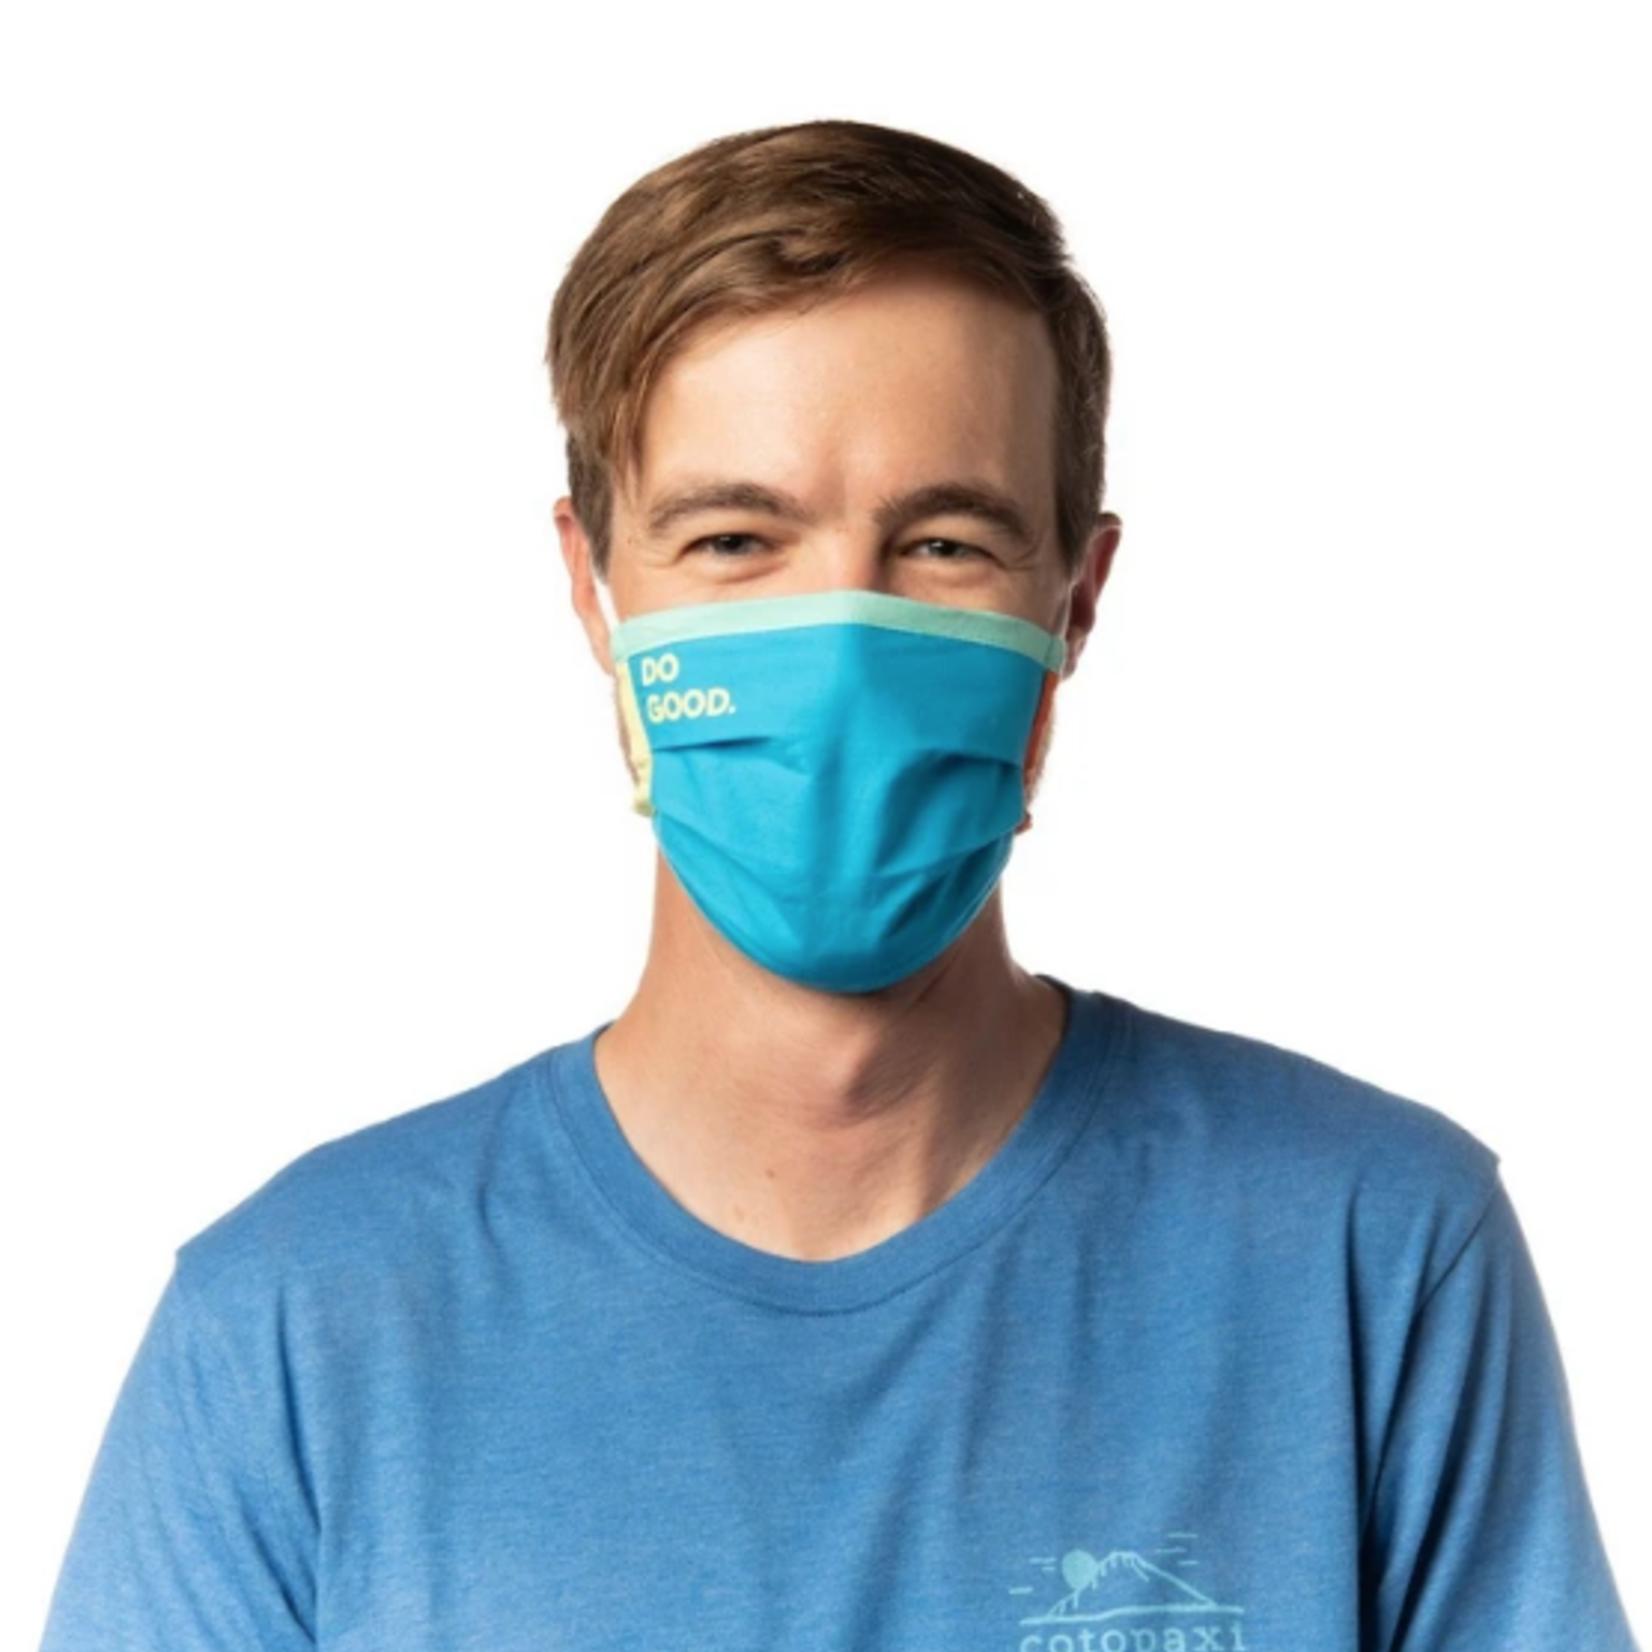 Cotopaxi Cotopaxi Teca Face Mask